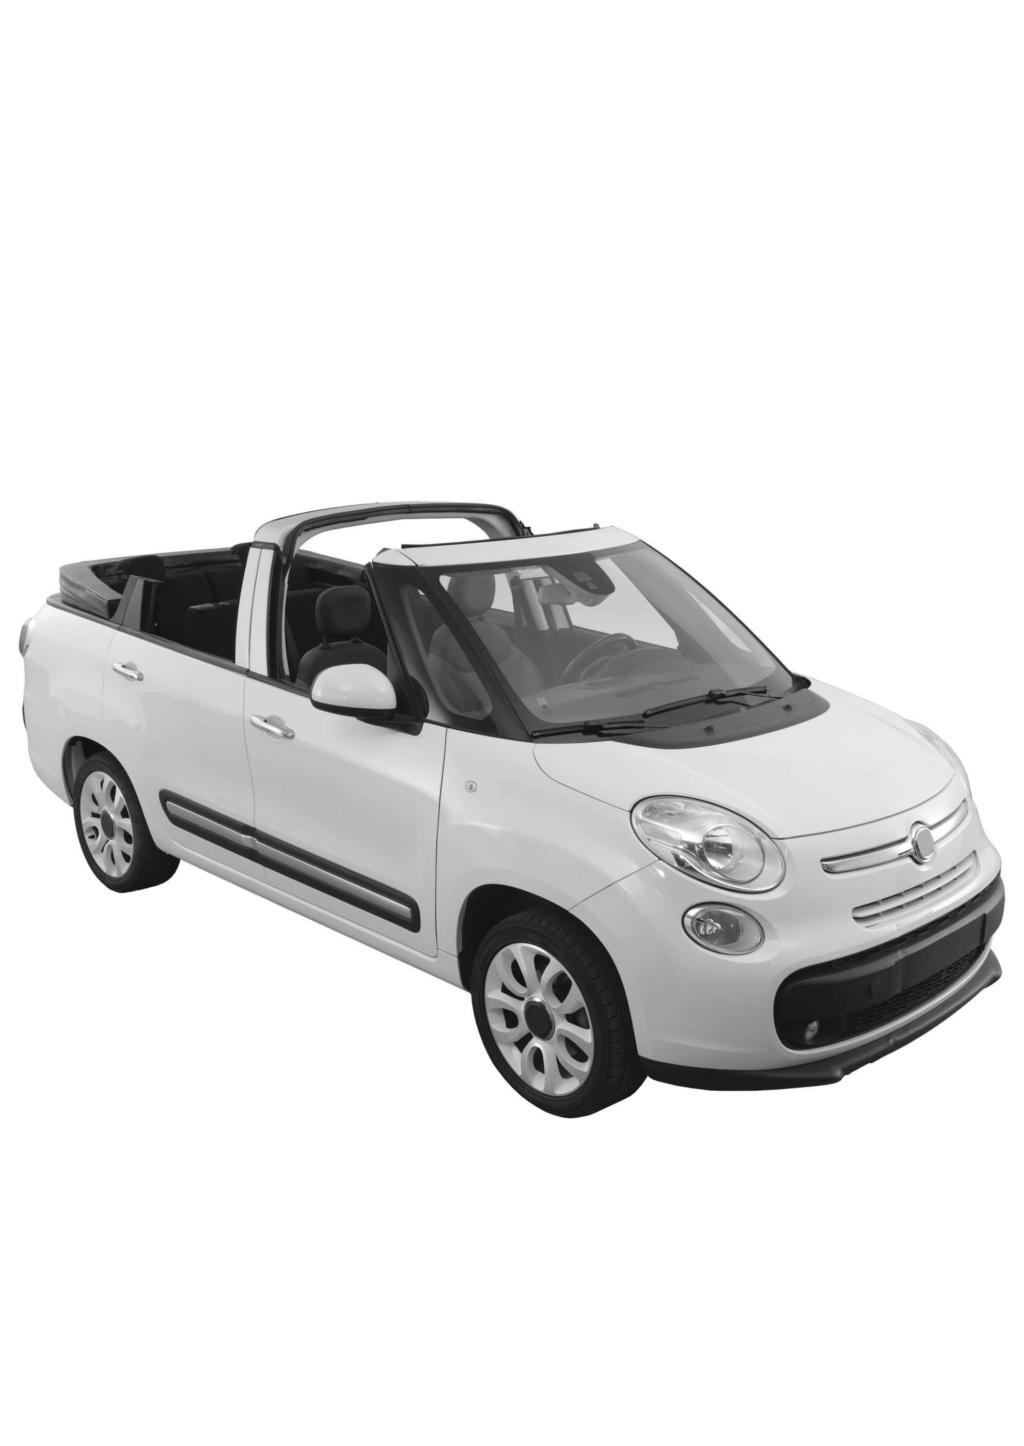 2017 - [Fiat] 500L restylée - Page 3 410